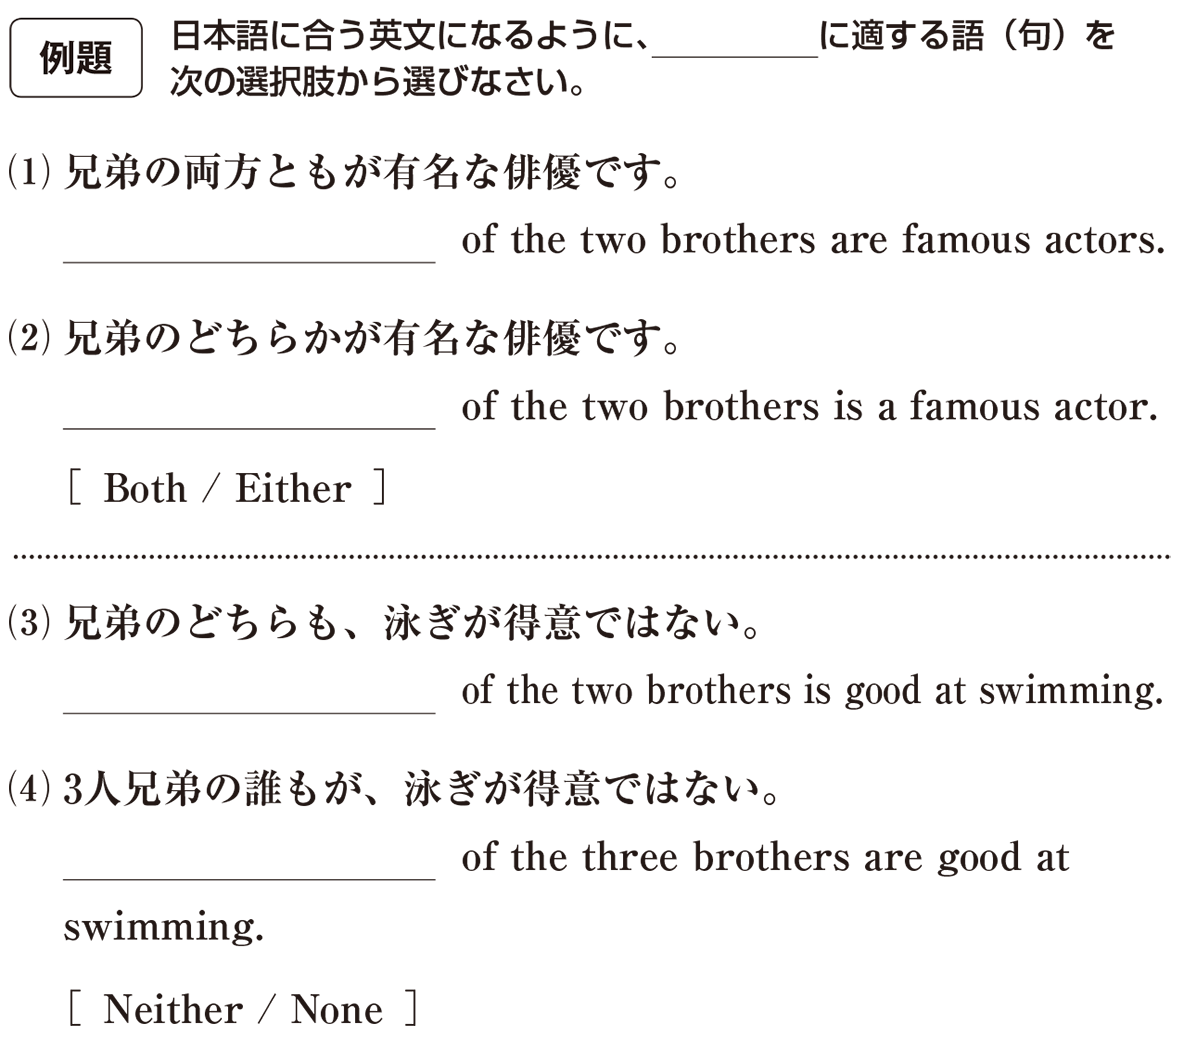 高校英語文法 代名詞21・22の例題(1)(2)(3)(4) アイコンあり